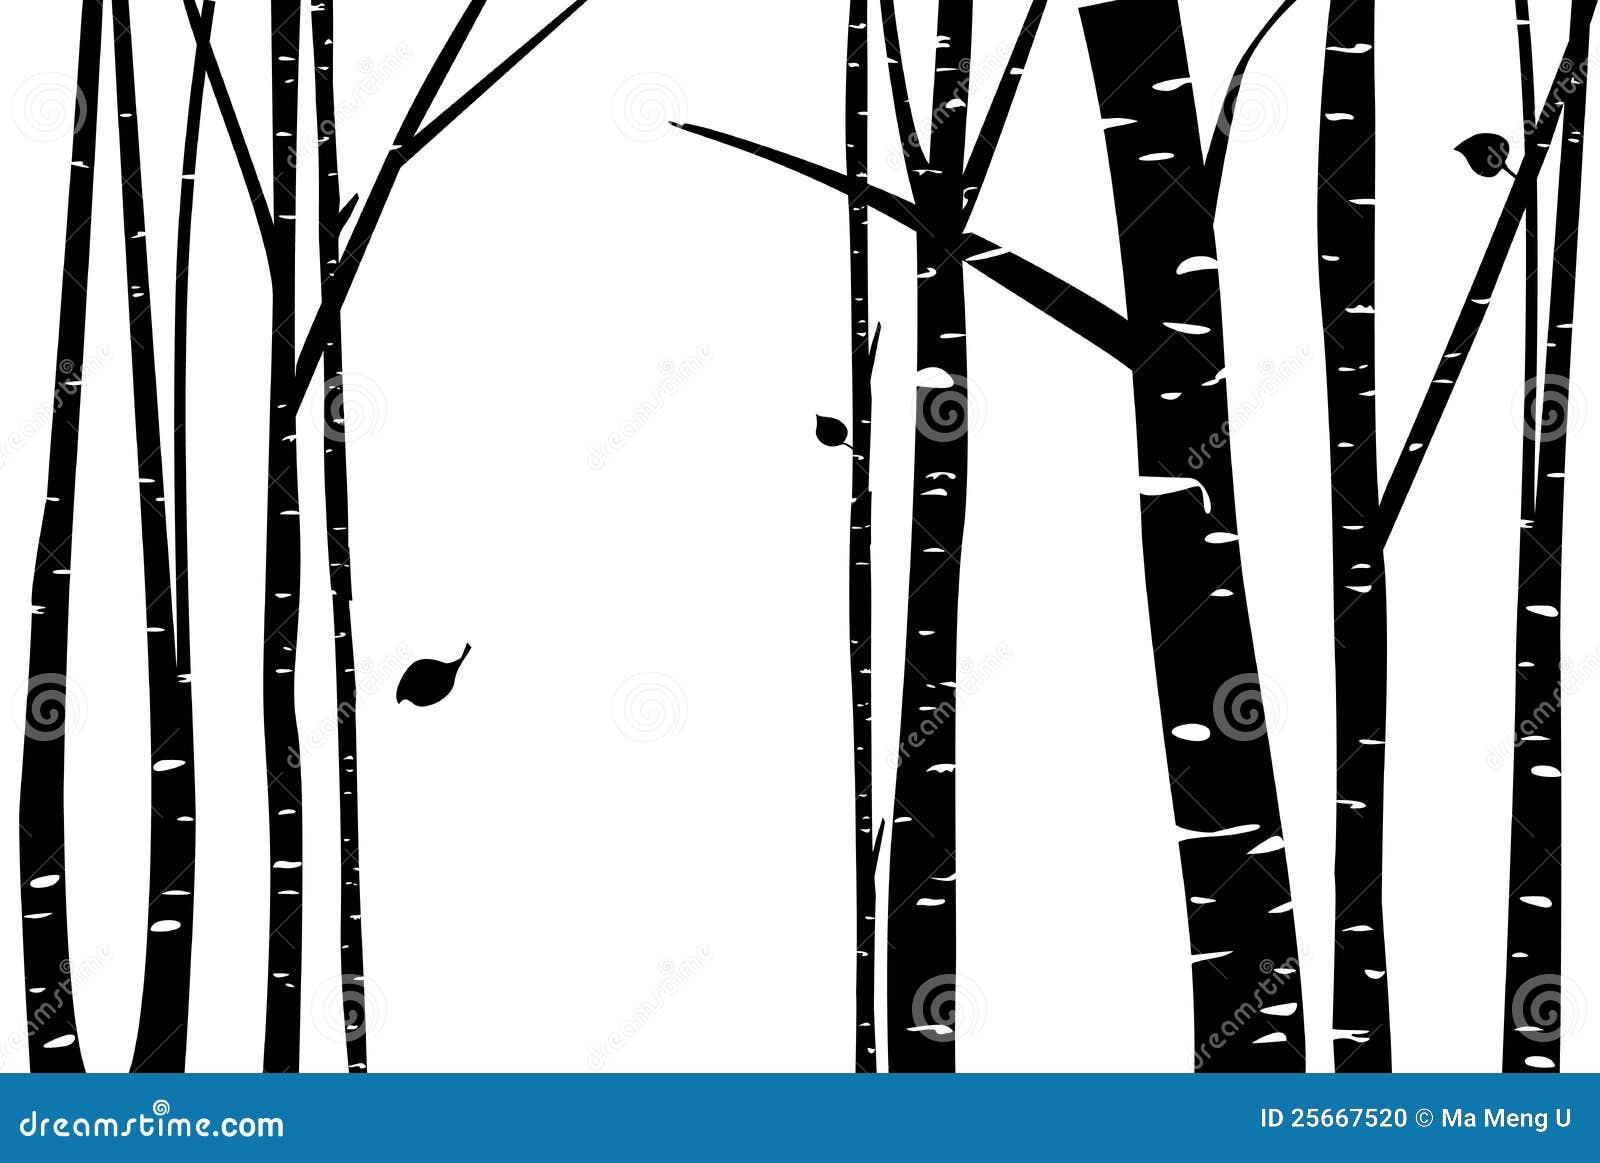 Берёза рисунок на черном